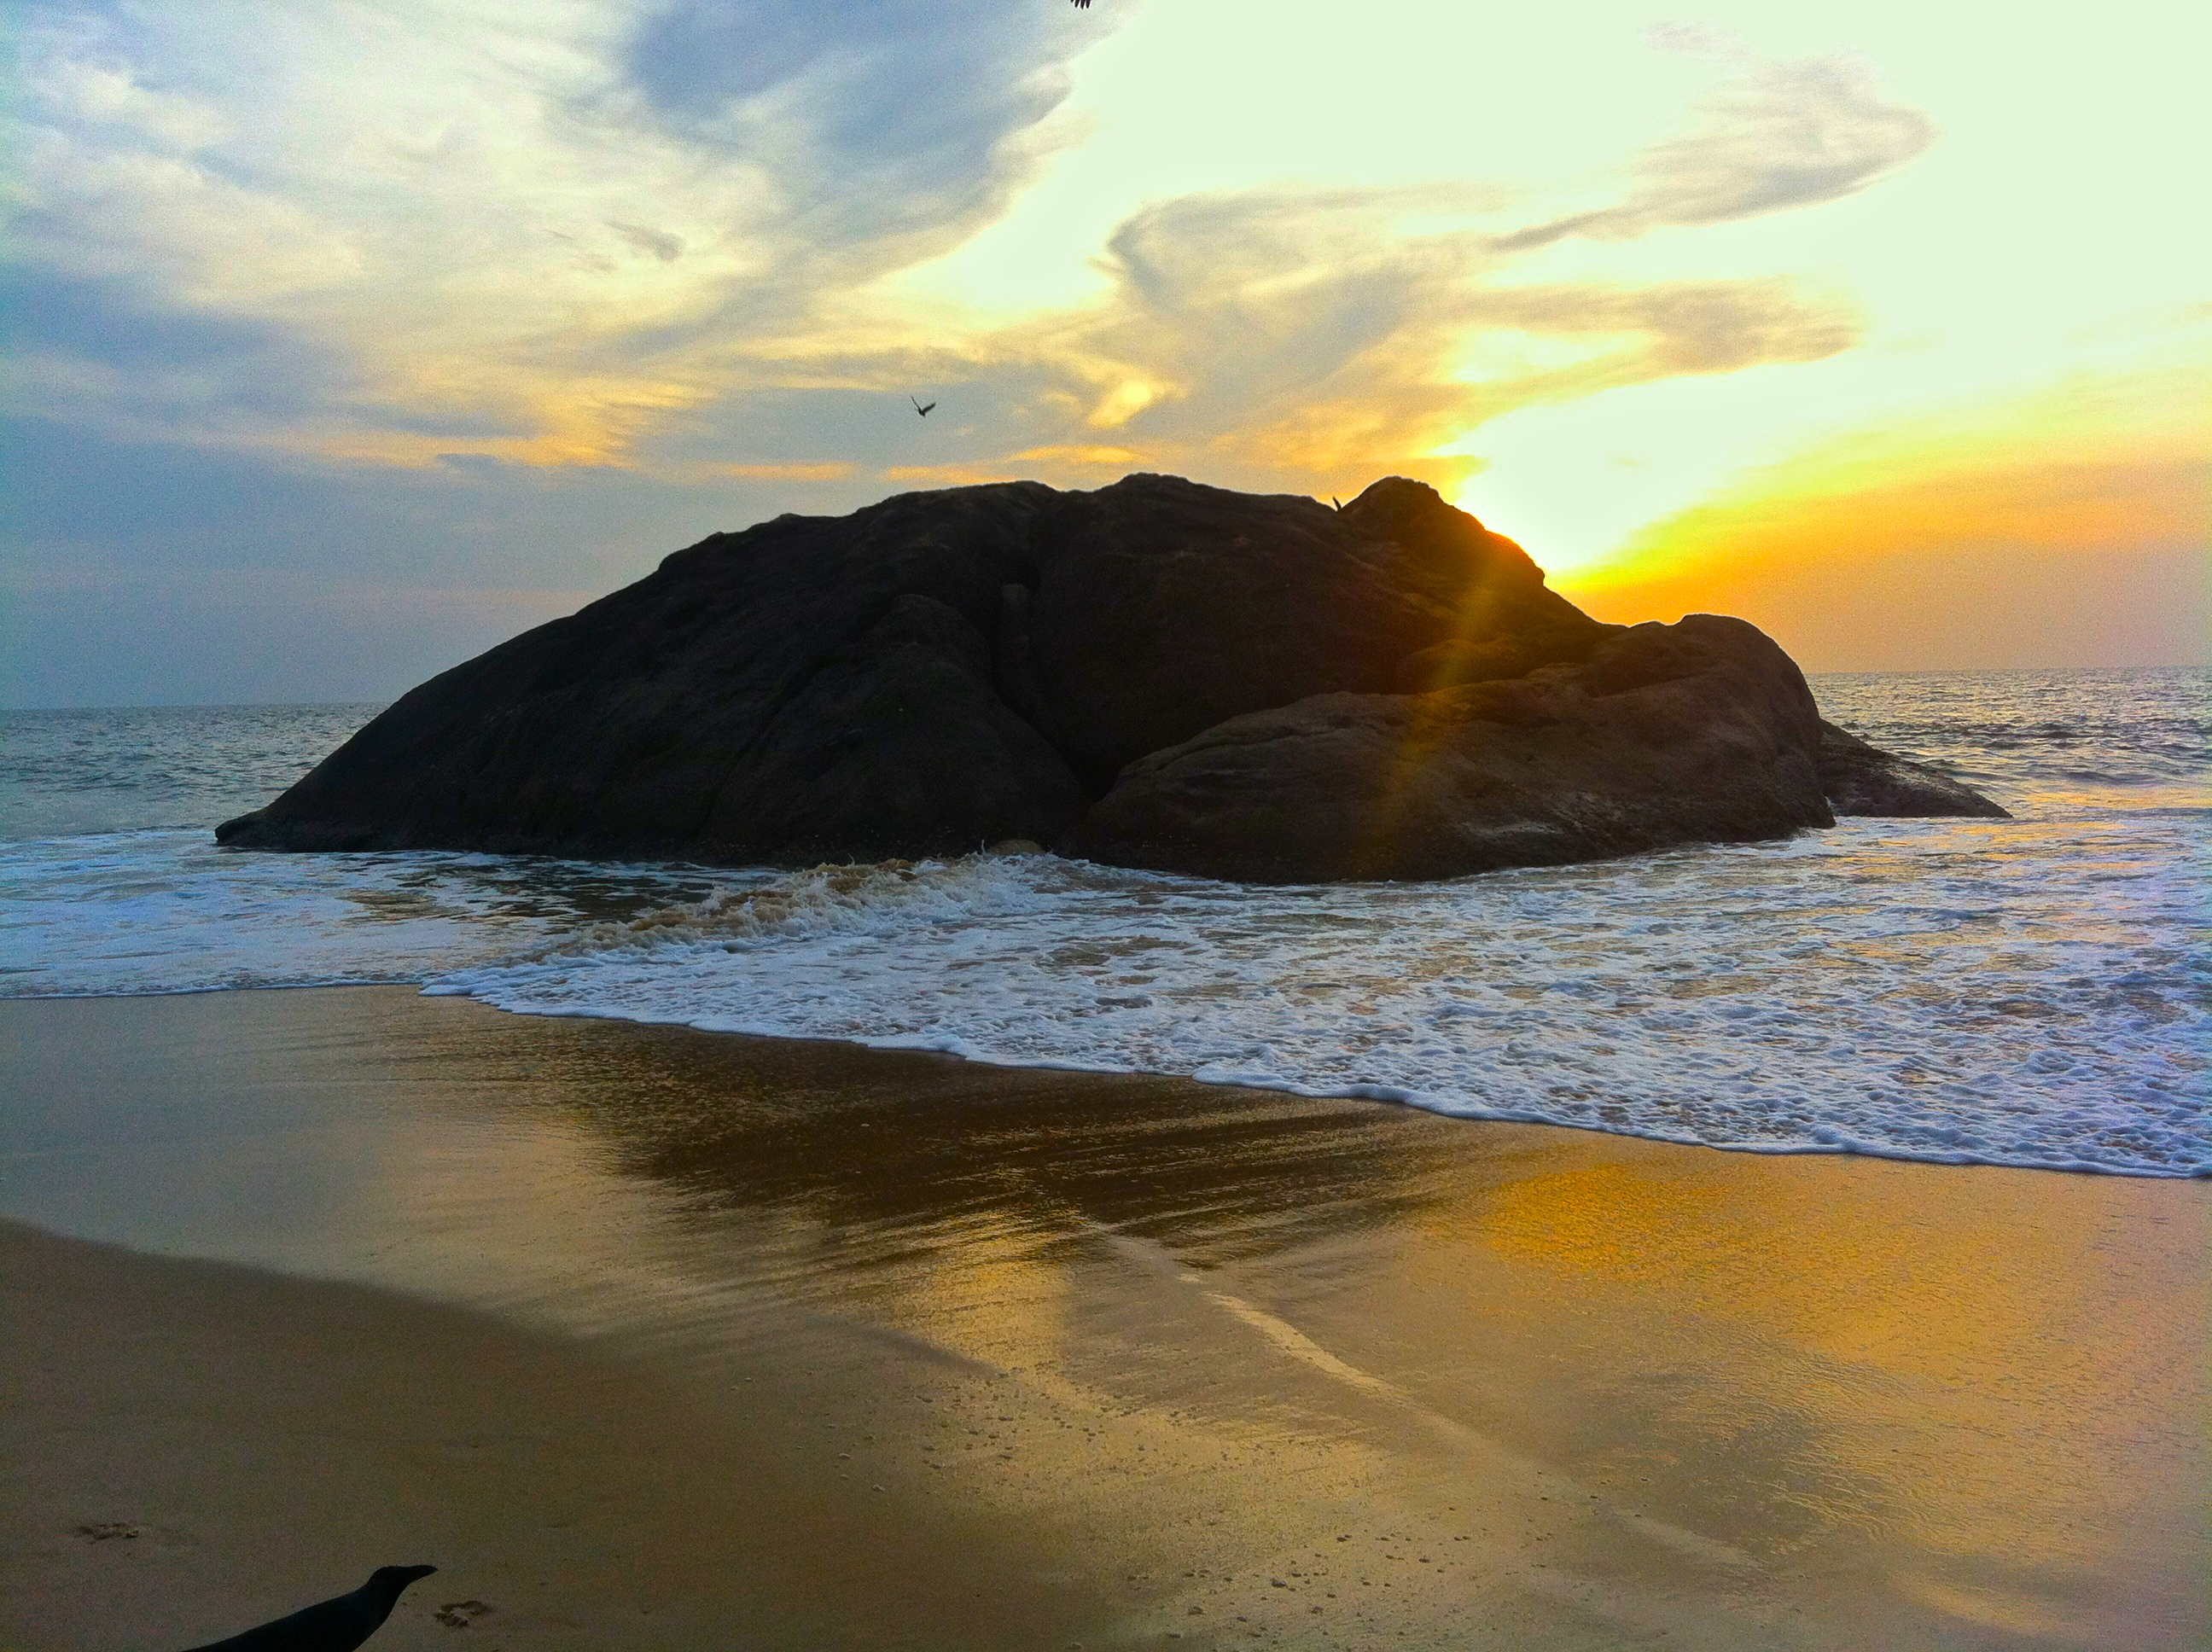 File:Kaup beach, Udupi, Karnataka 13.jpg.